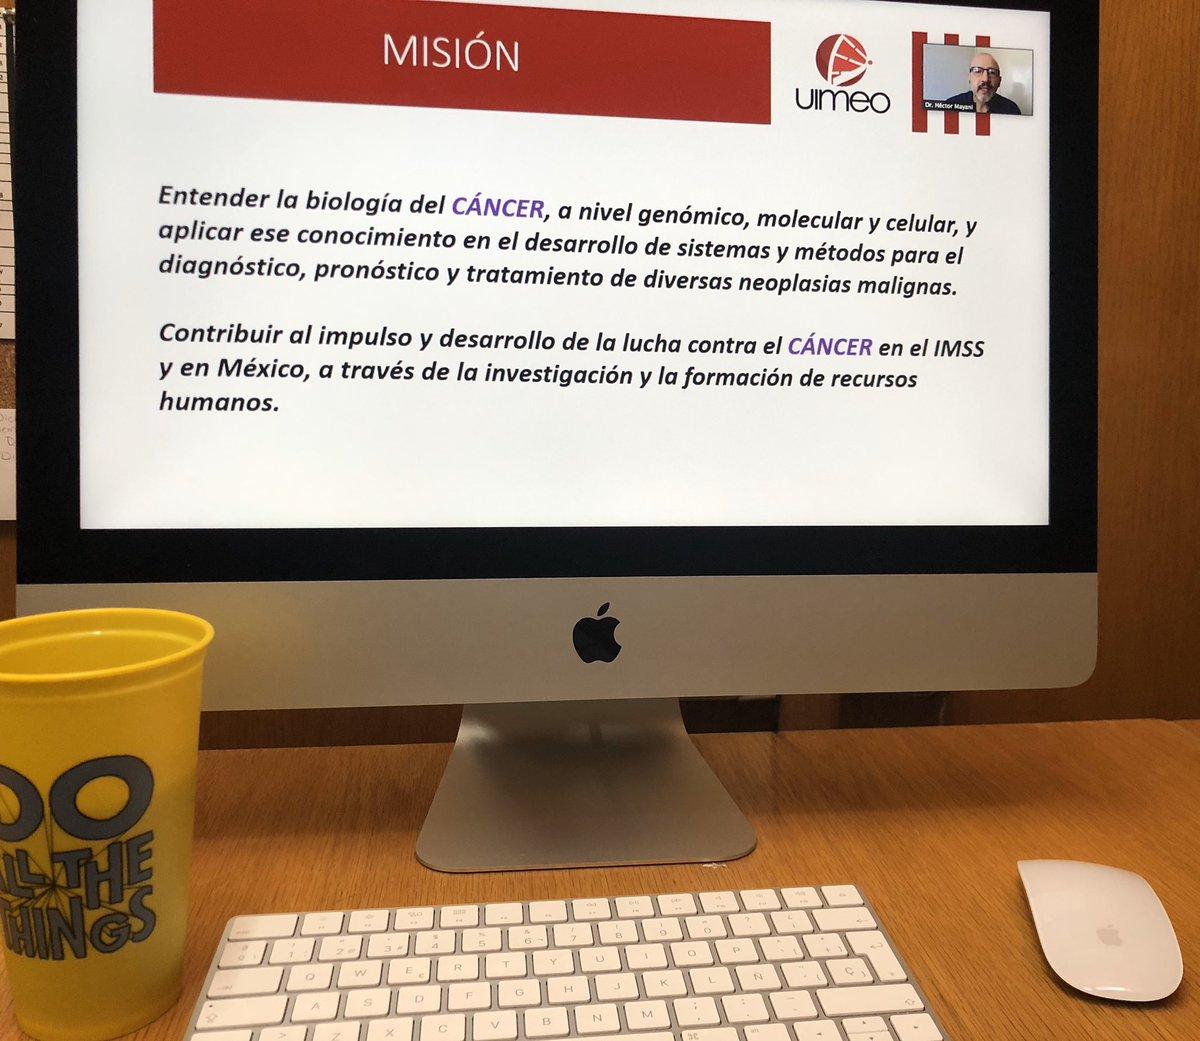 """#FelizMiércoles ¡PRESENTE! #Seminario de la """"Unidad de #Investigación en #Enfermedades #Oncológicas""""   tema: """"La vía adenosinérgica, un mecanismo de regulación crítico en el desarrollo del #cáncer #cervicouterino""""   Tu amigo #Rafa #Balcázar #Narro #Tlalnepantla #EdoMéx https://t.co/nUroOa7rR0"""